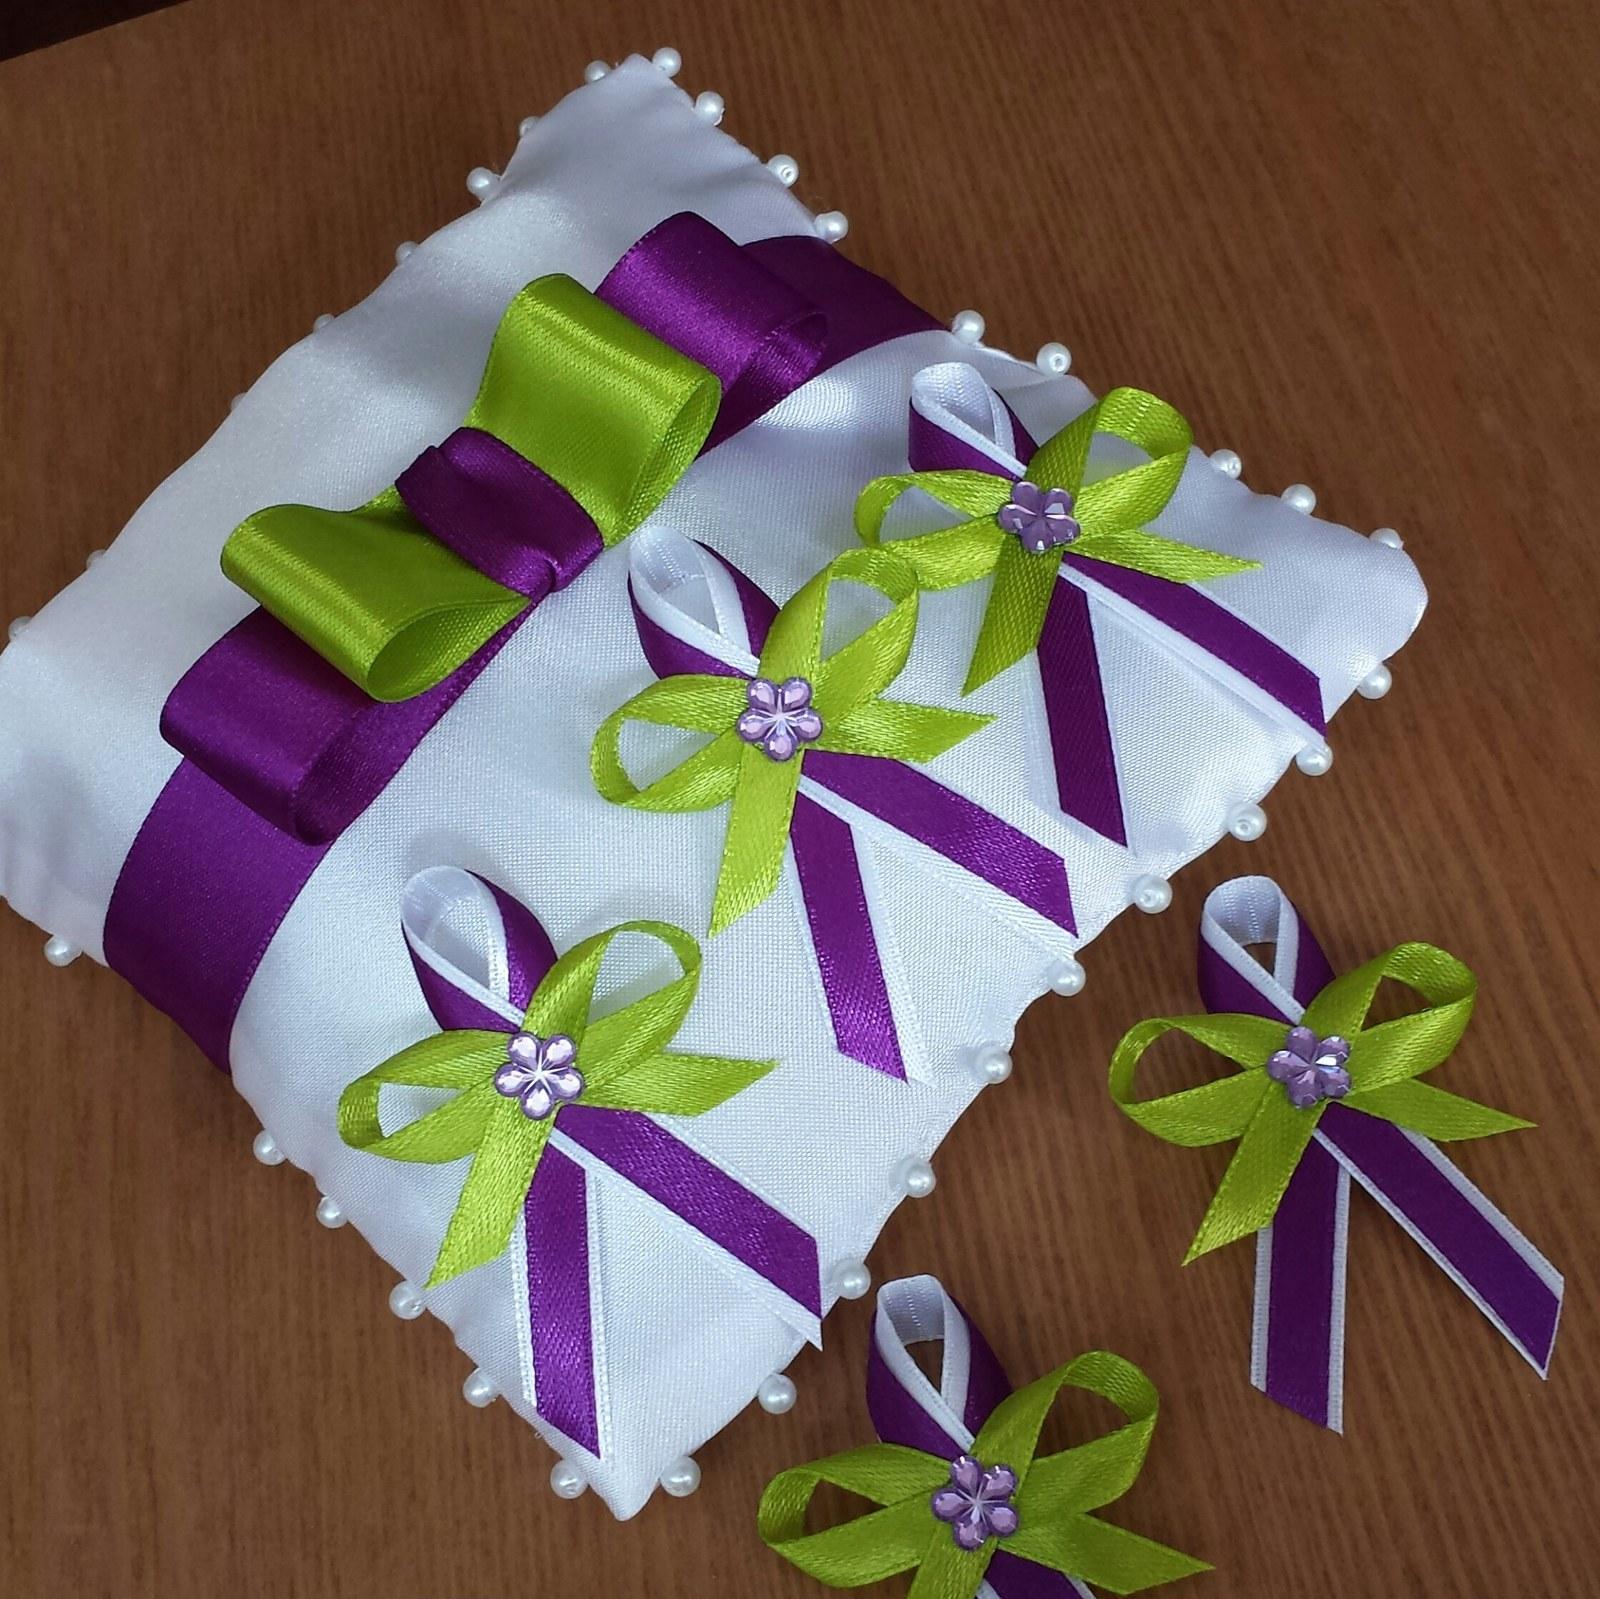 Vývazky - Fialové/jablíčkové vývazky s perličkou - kombinace barev dle přání nevěsty:o)